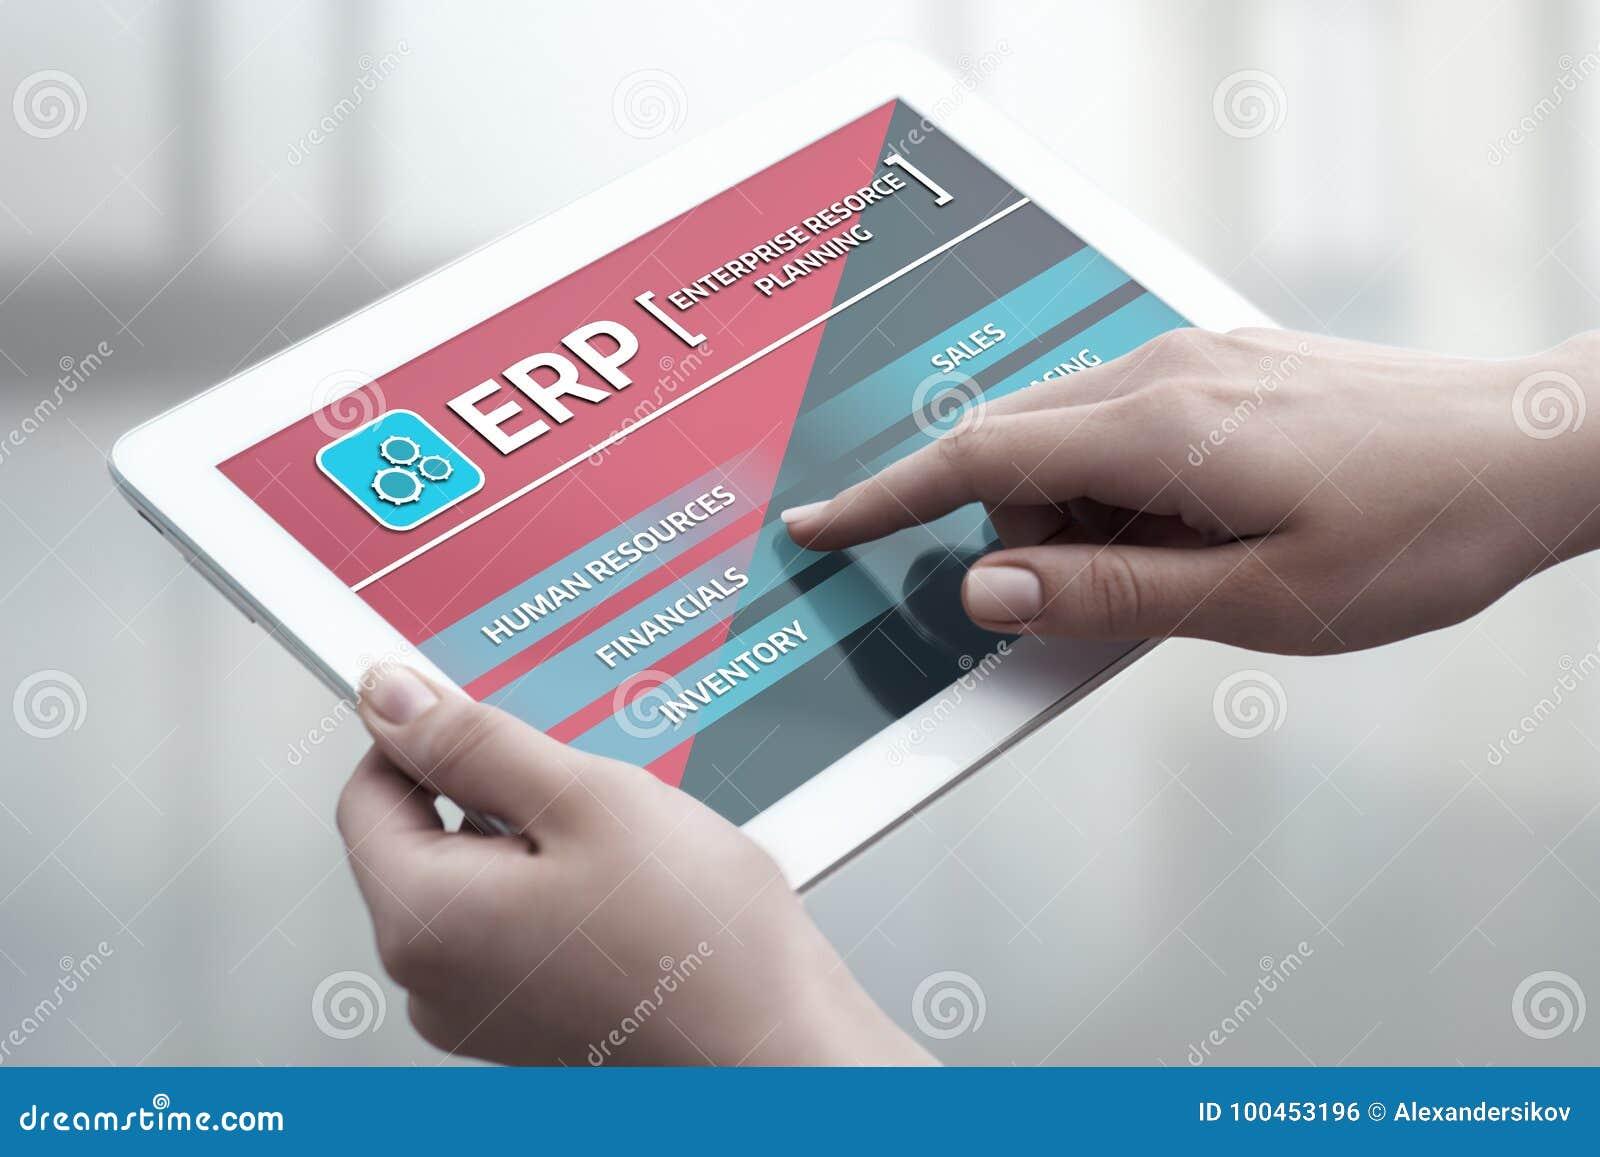 Unternehmens-Ressource, die ERP-Unternehmensgeschäftsleitungs-Geschäfts-Internet-Technologie-Konzept plant